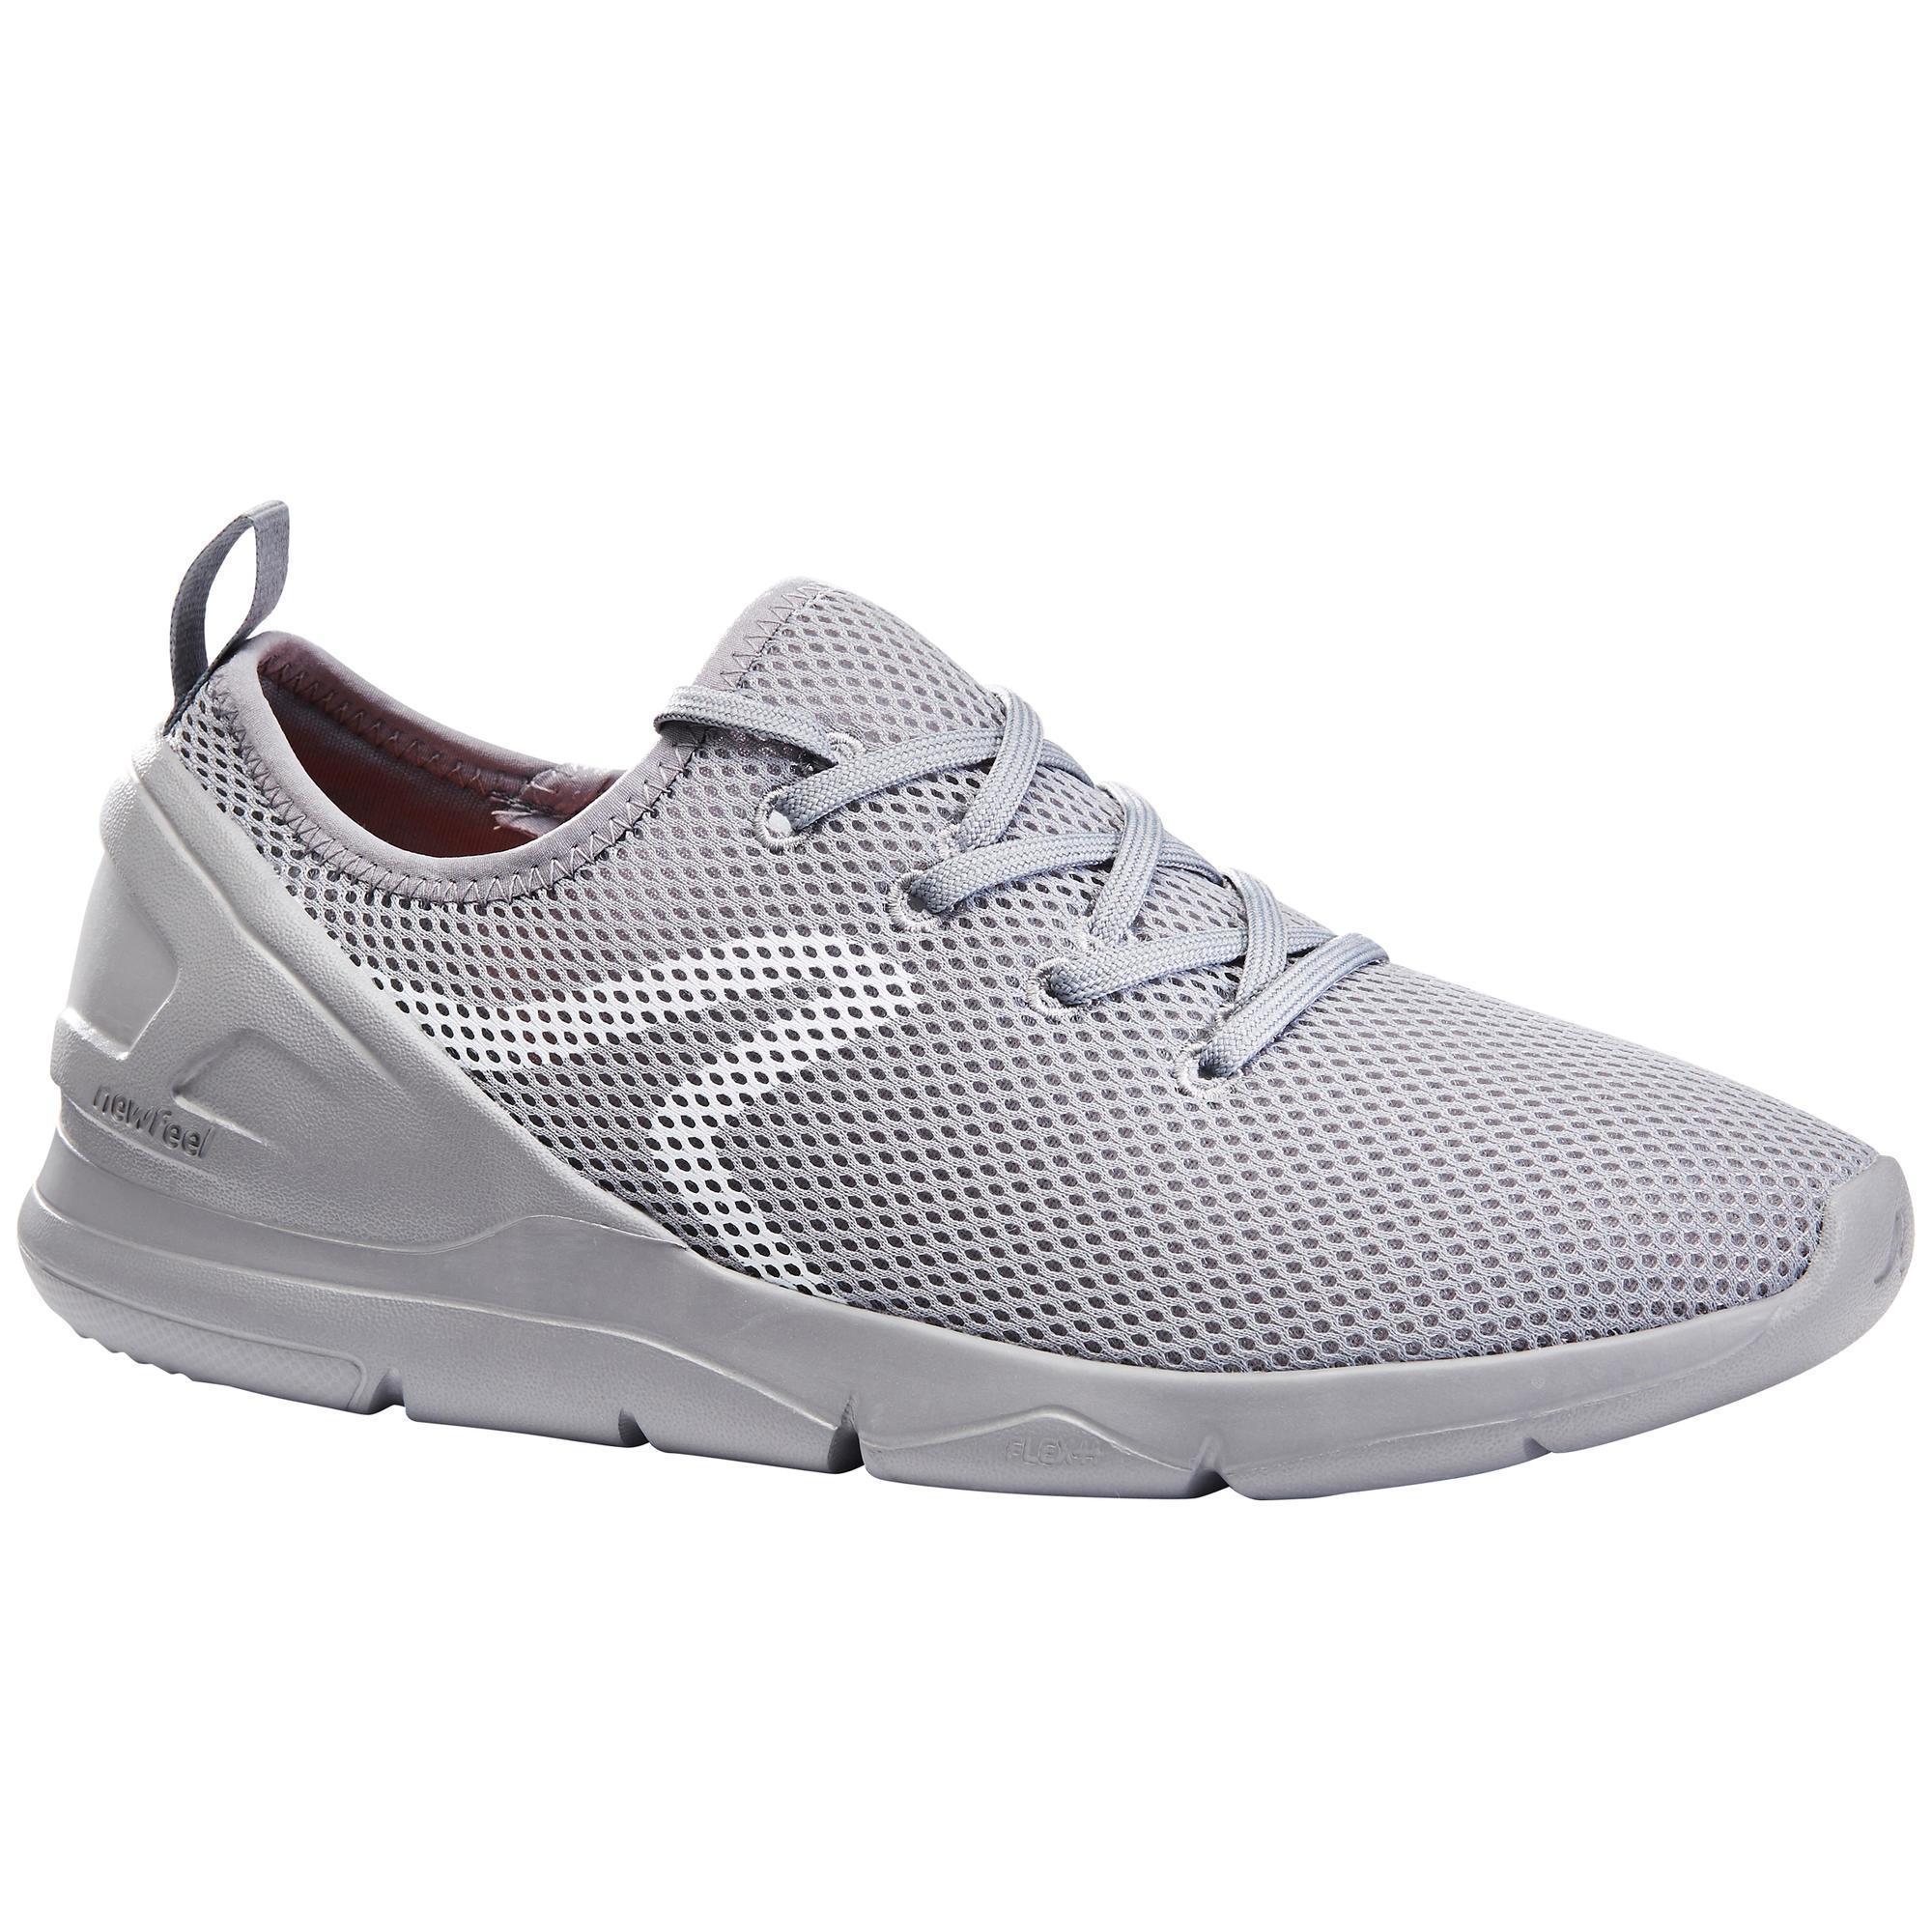 Newfeel Damessneakers voor sportief wandelen PW 100 grijs